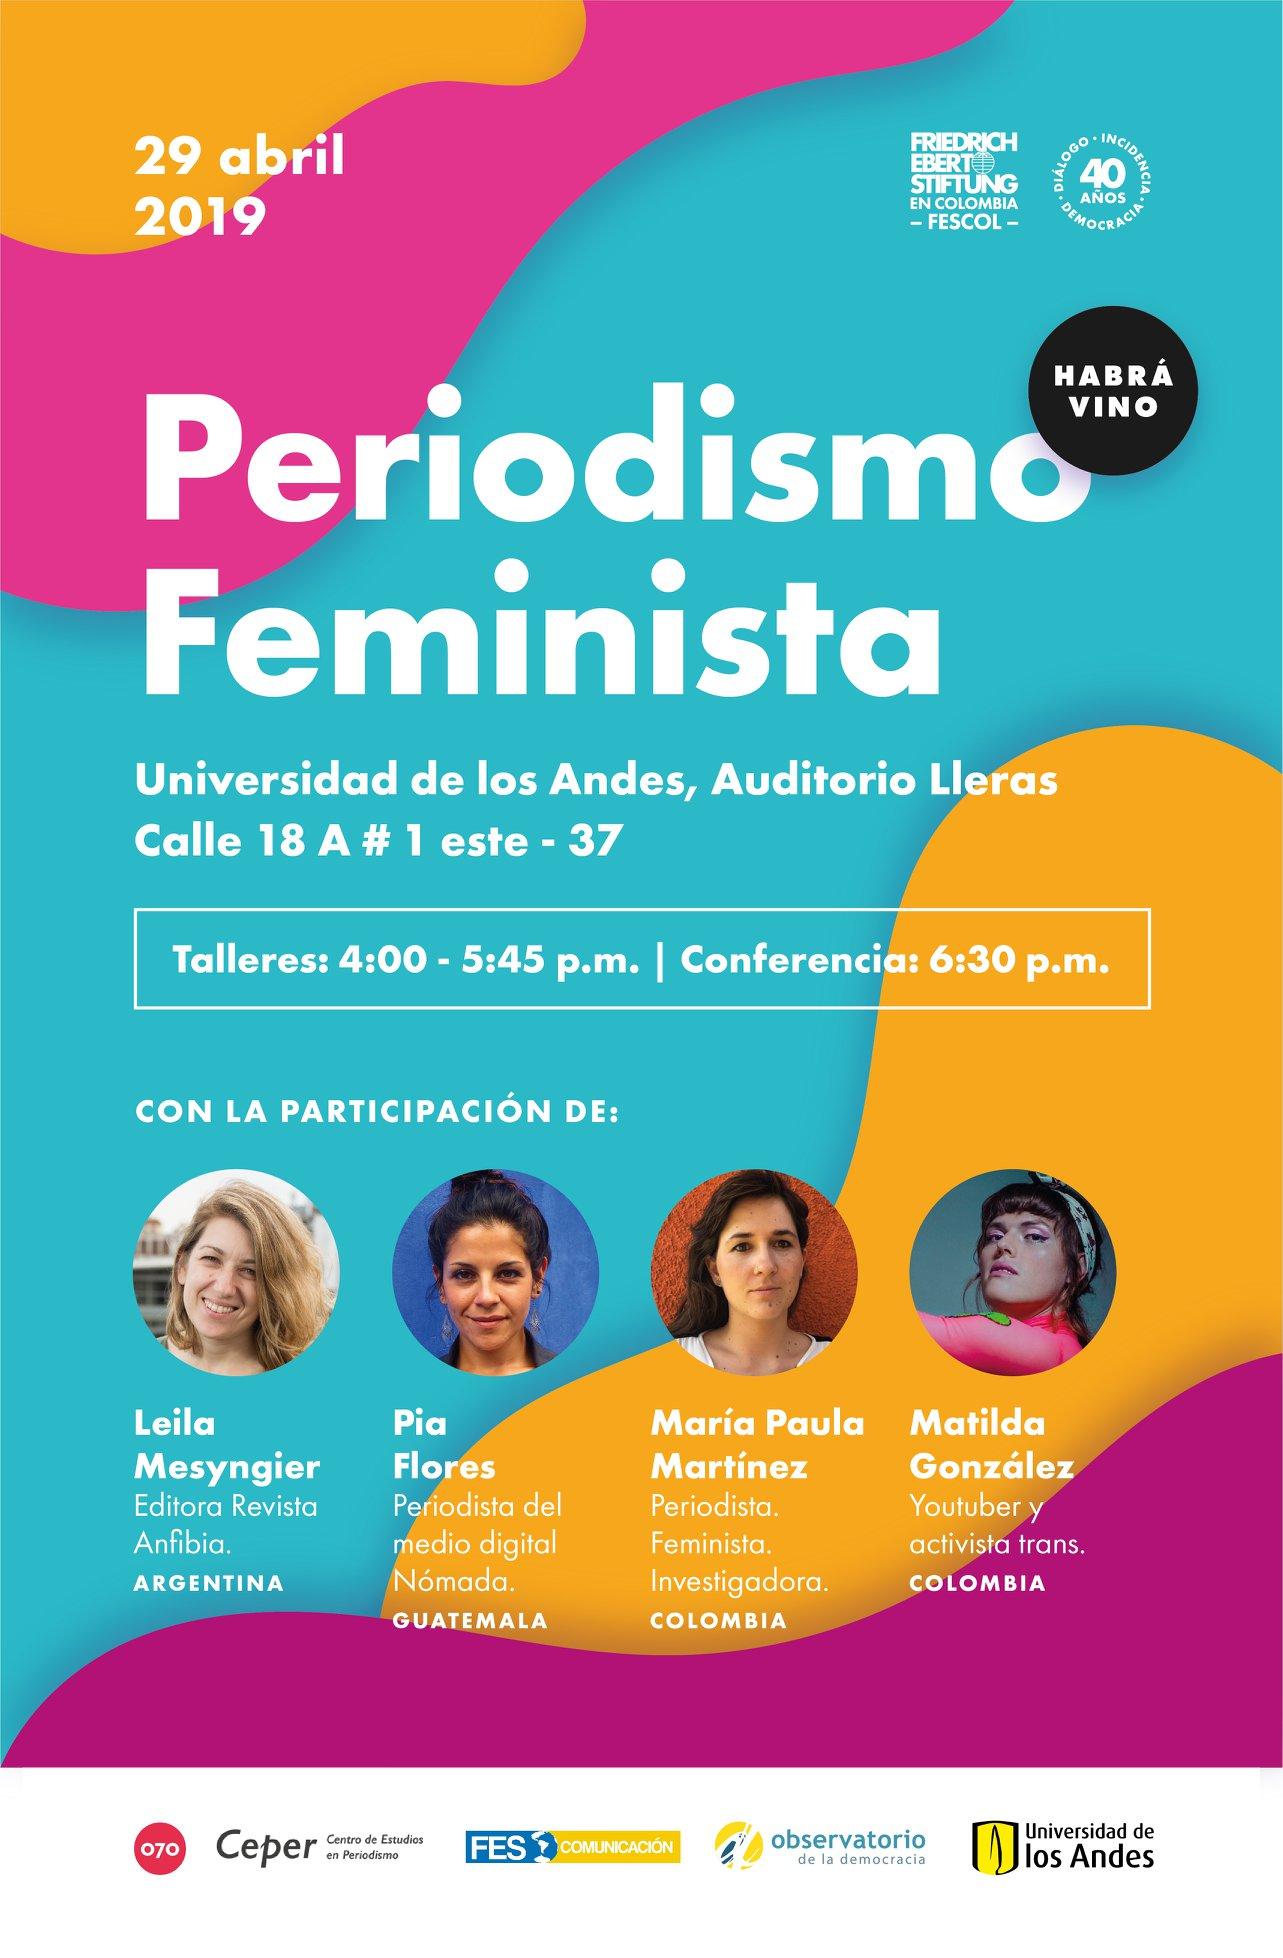 Periodismo Feminista